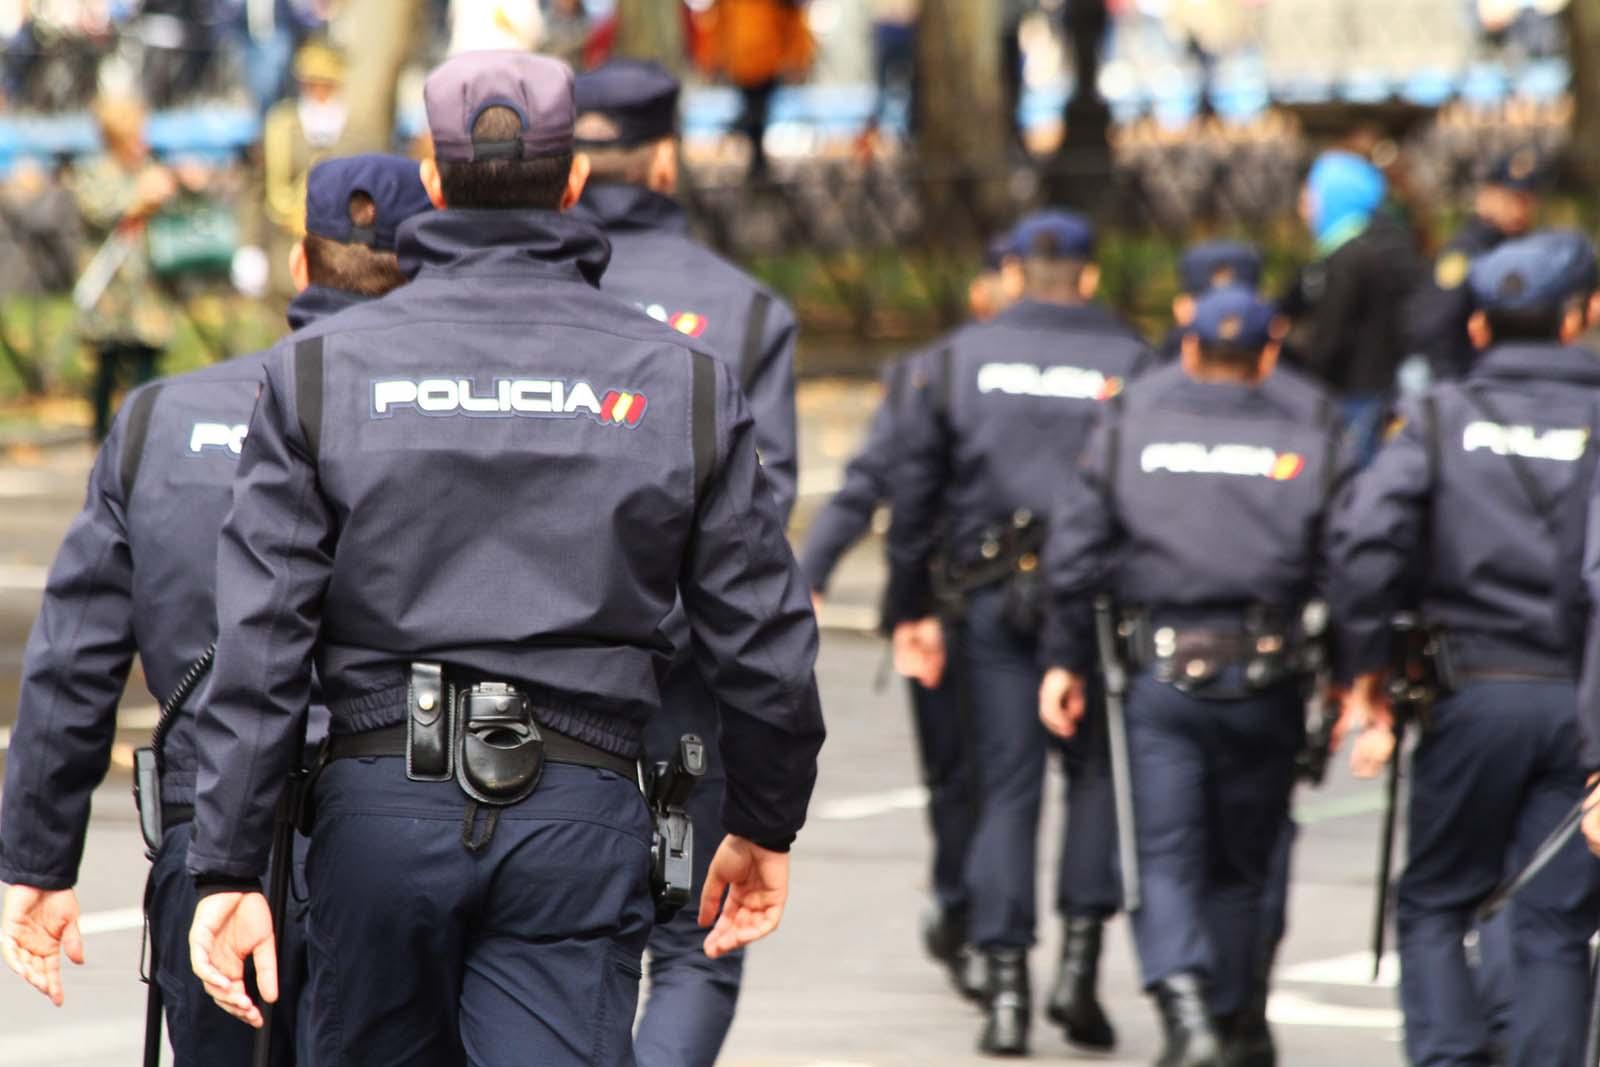 Recuerda que te ayudamos a preparar las Oposiciones para Policía Nacional, ¡No dejes escapar esta oportunidad!